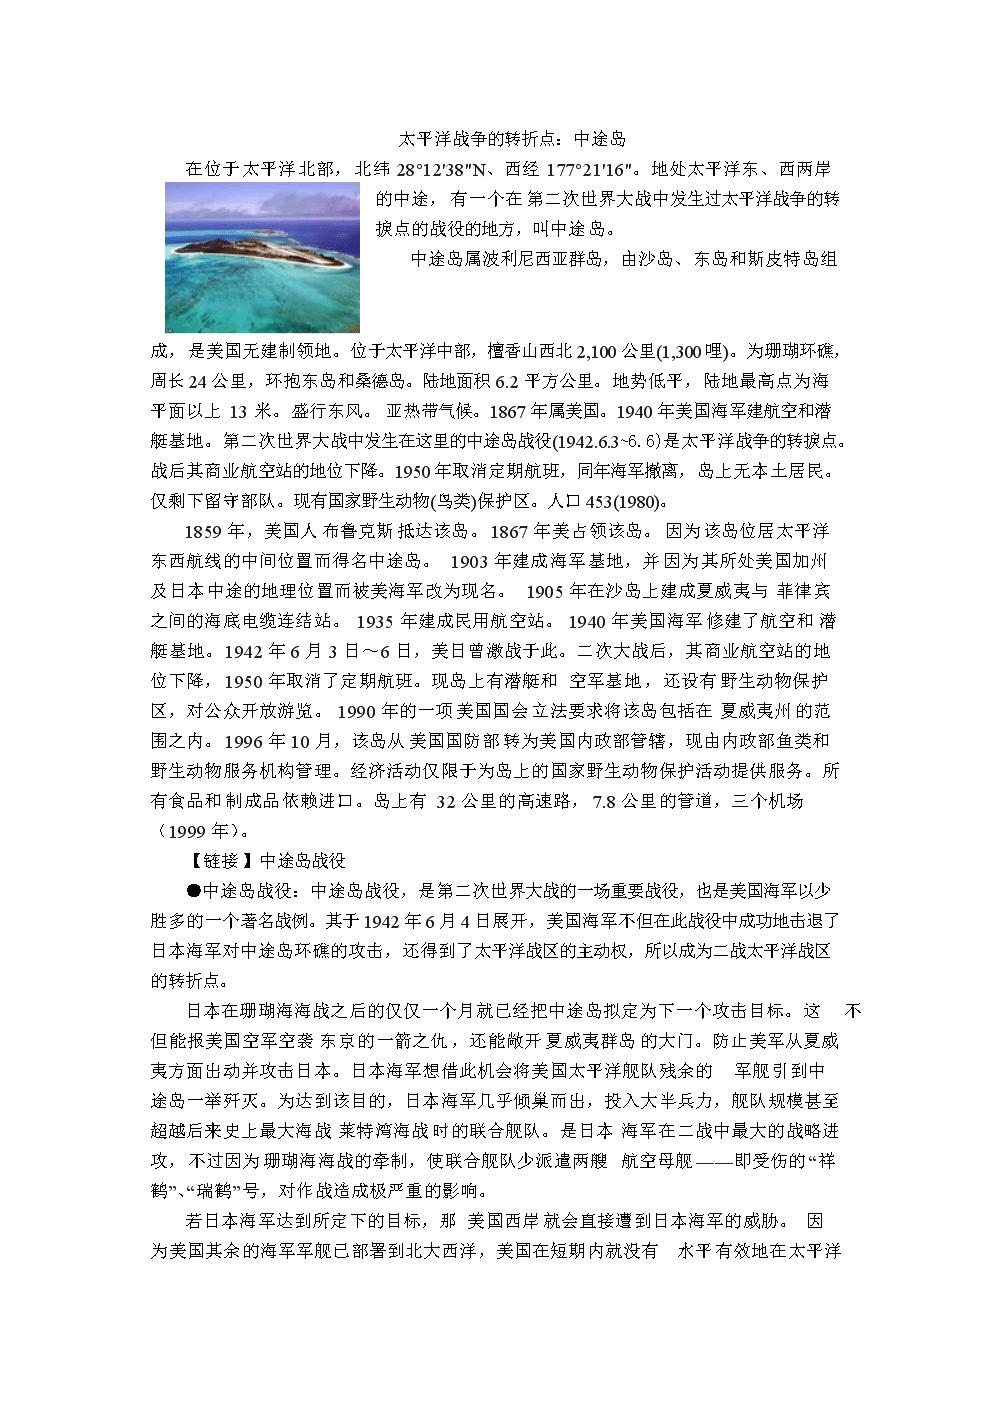 太平洋战争的转折点:中途岛.doc